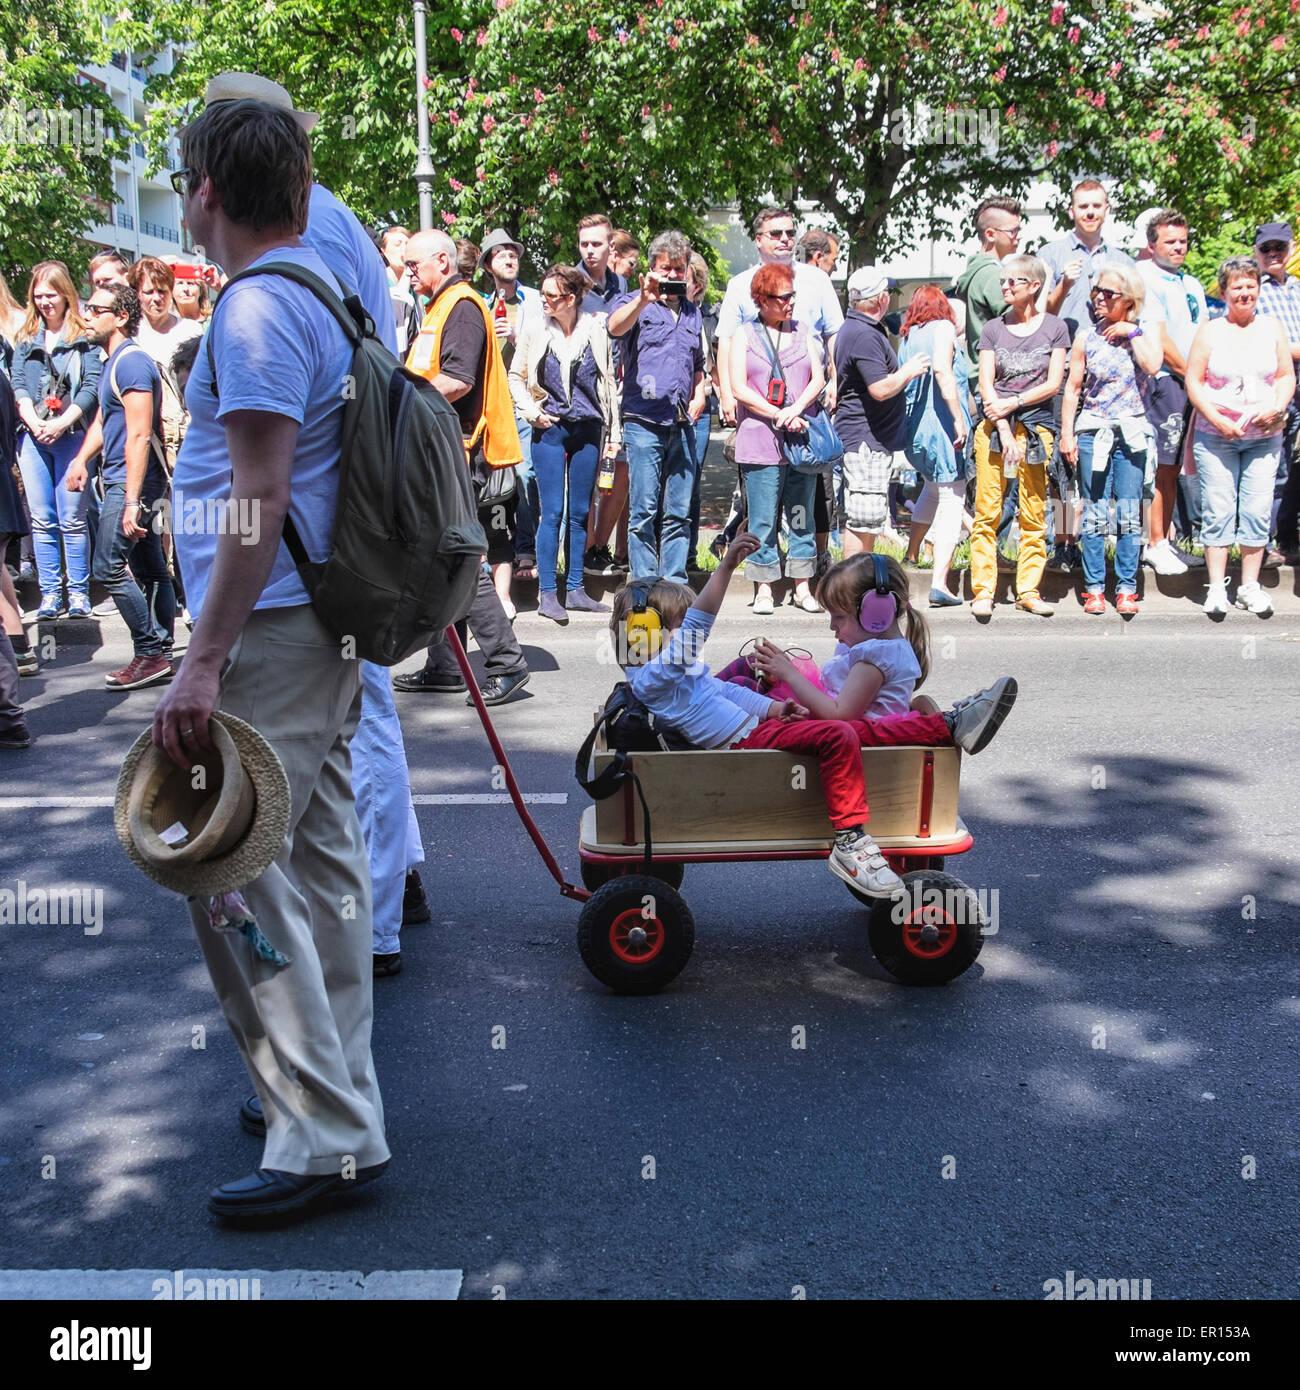 Kreuzberg di Berlino, Germania, 24 maggio 2015. Due giovani bambini con cuffie in legno carro in parata come Berlino Immagini Stock